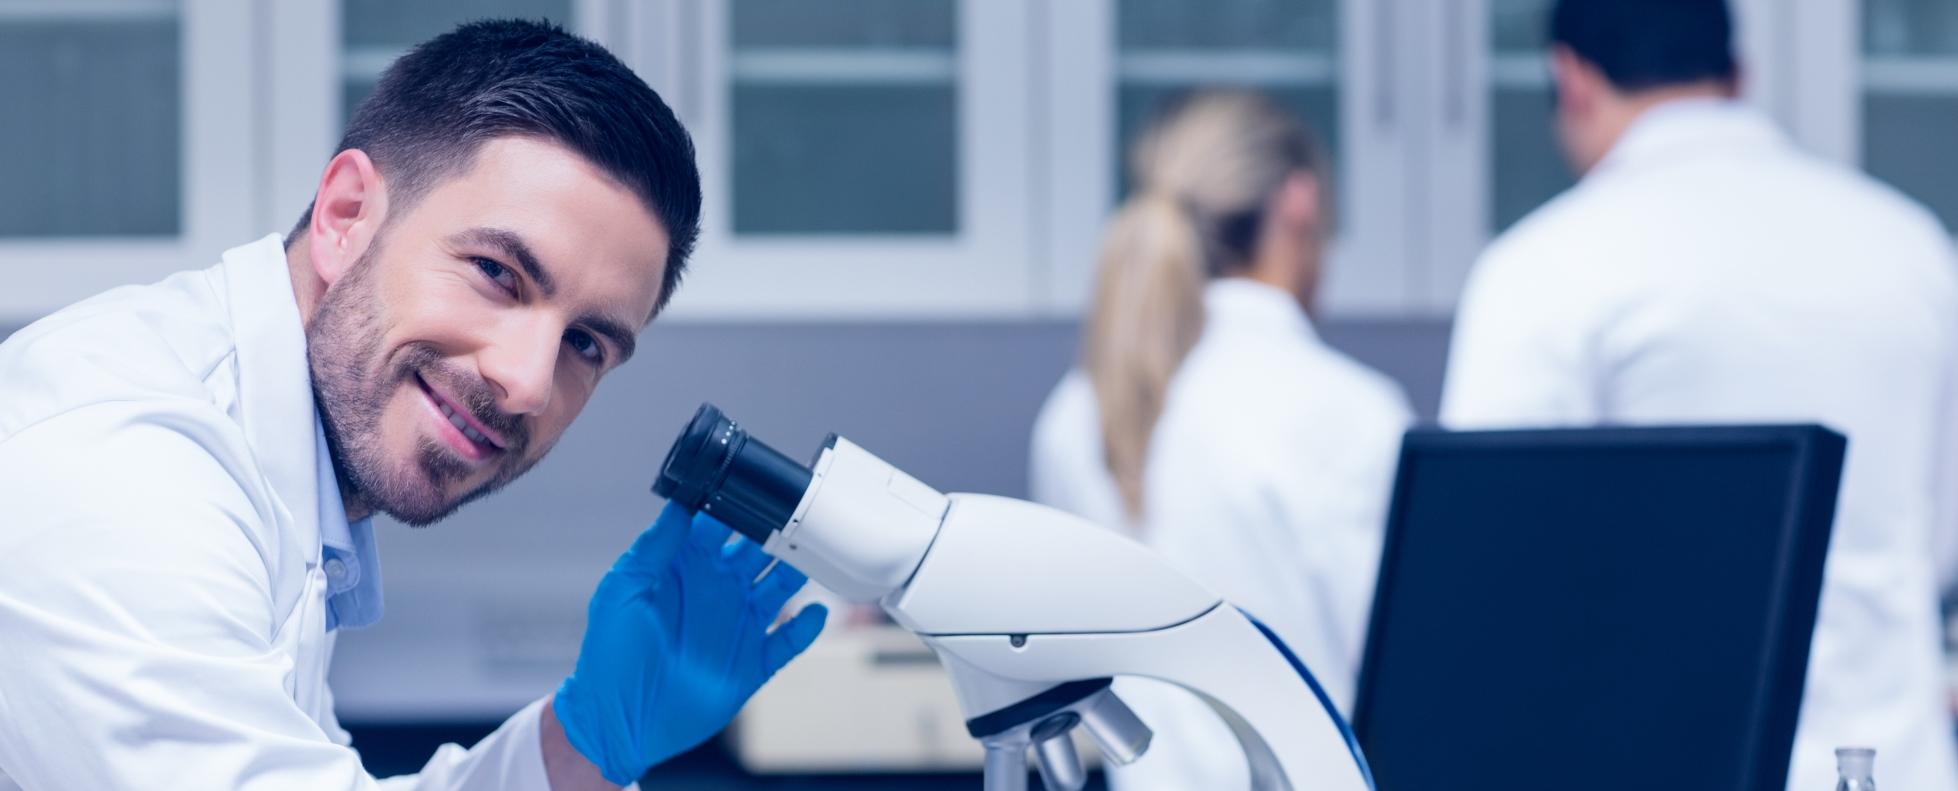 Fiatal kutatók több mint fele gondolkodik a pálya elhagyásán